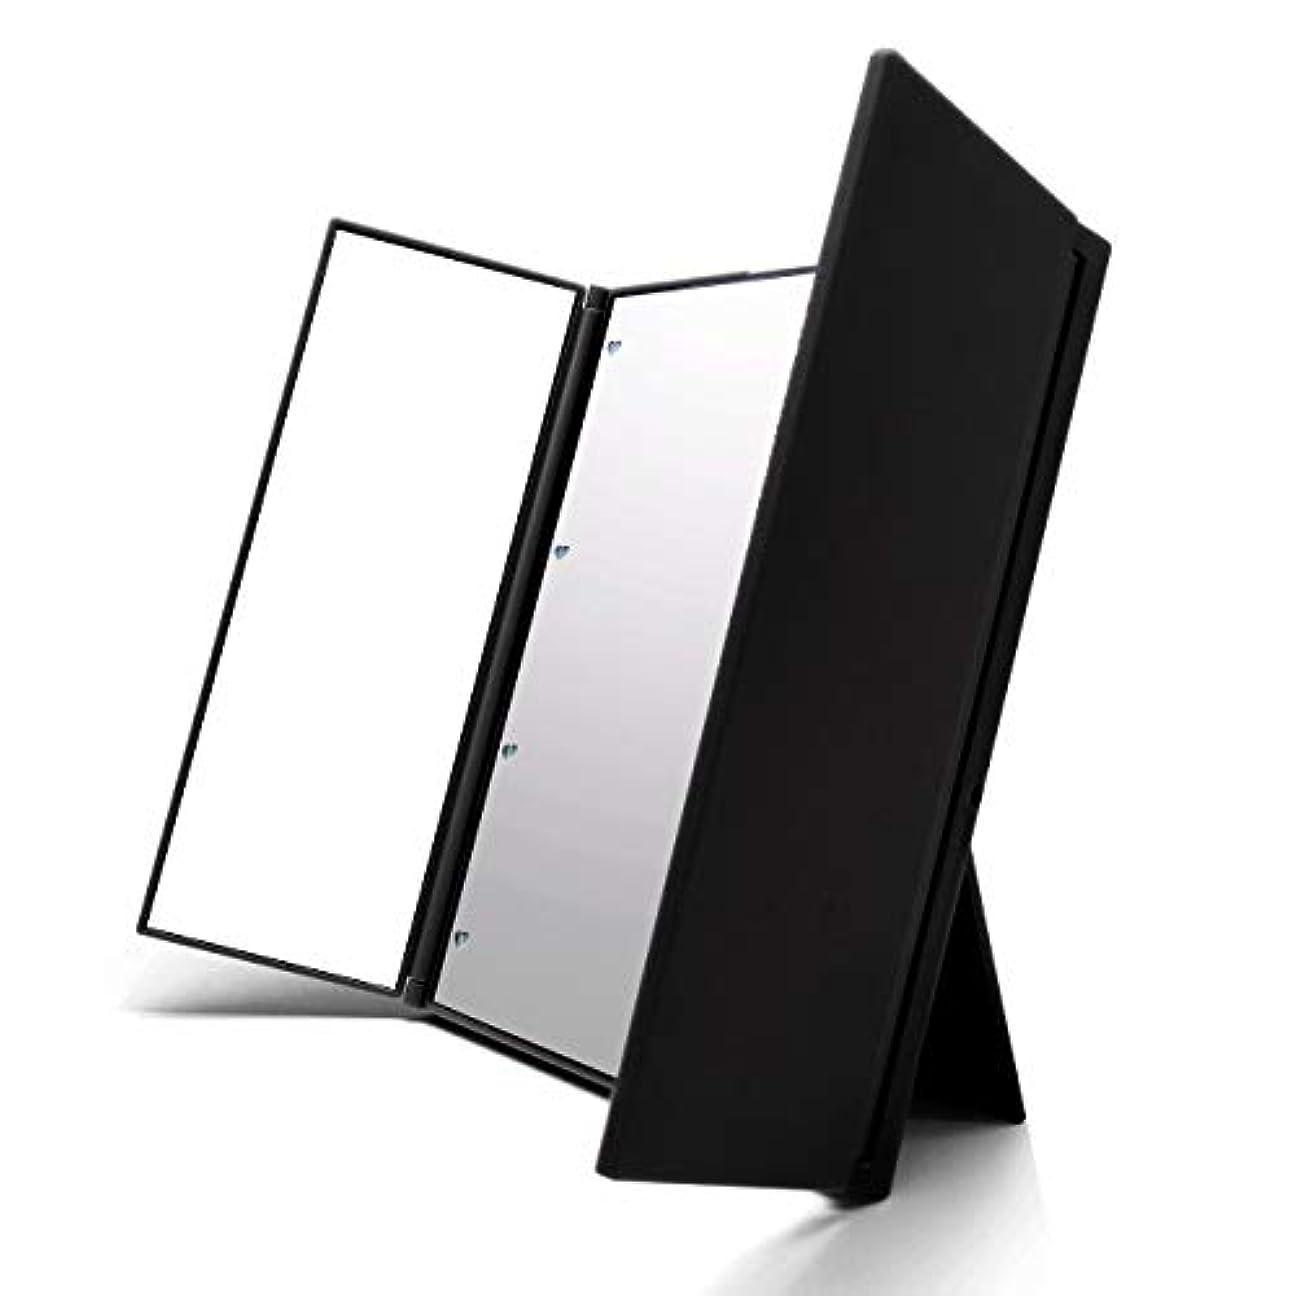 劇場女王ロケーションVidgoo 鏡 卓上 化粧鏡 スタンド LED付き 三面鏡 折り畳み式 調整可能 電池型 ブラック